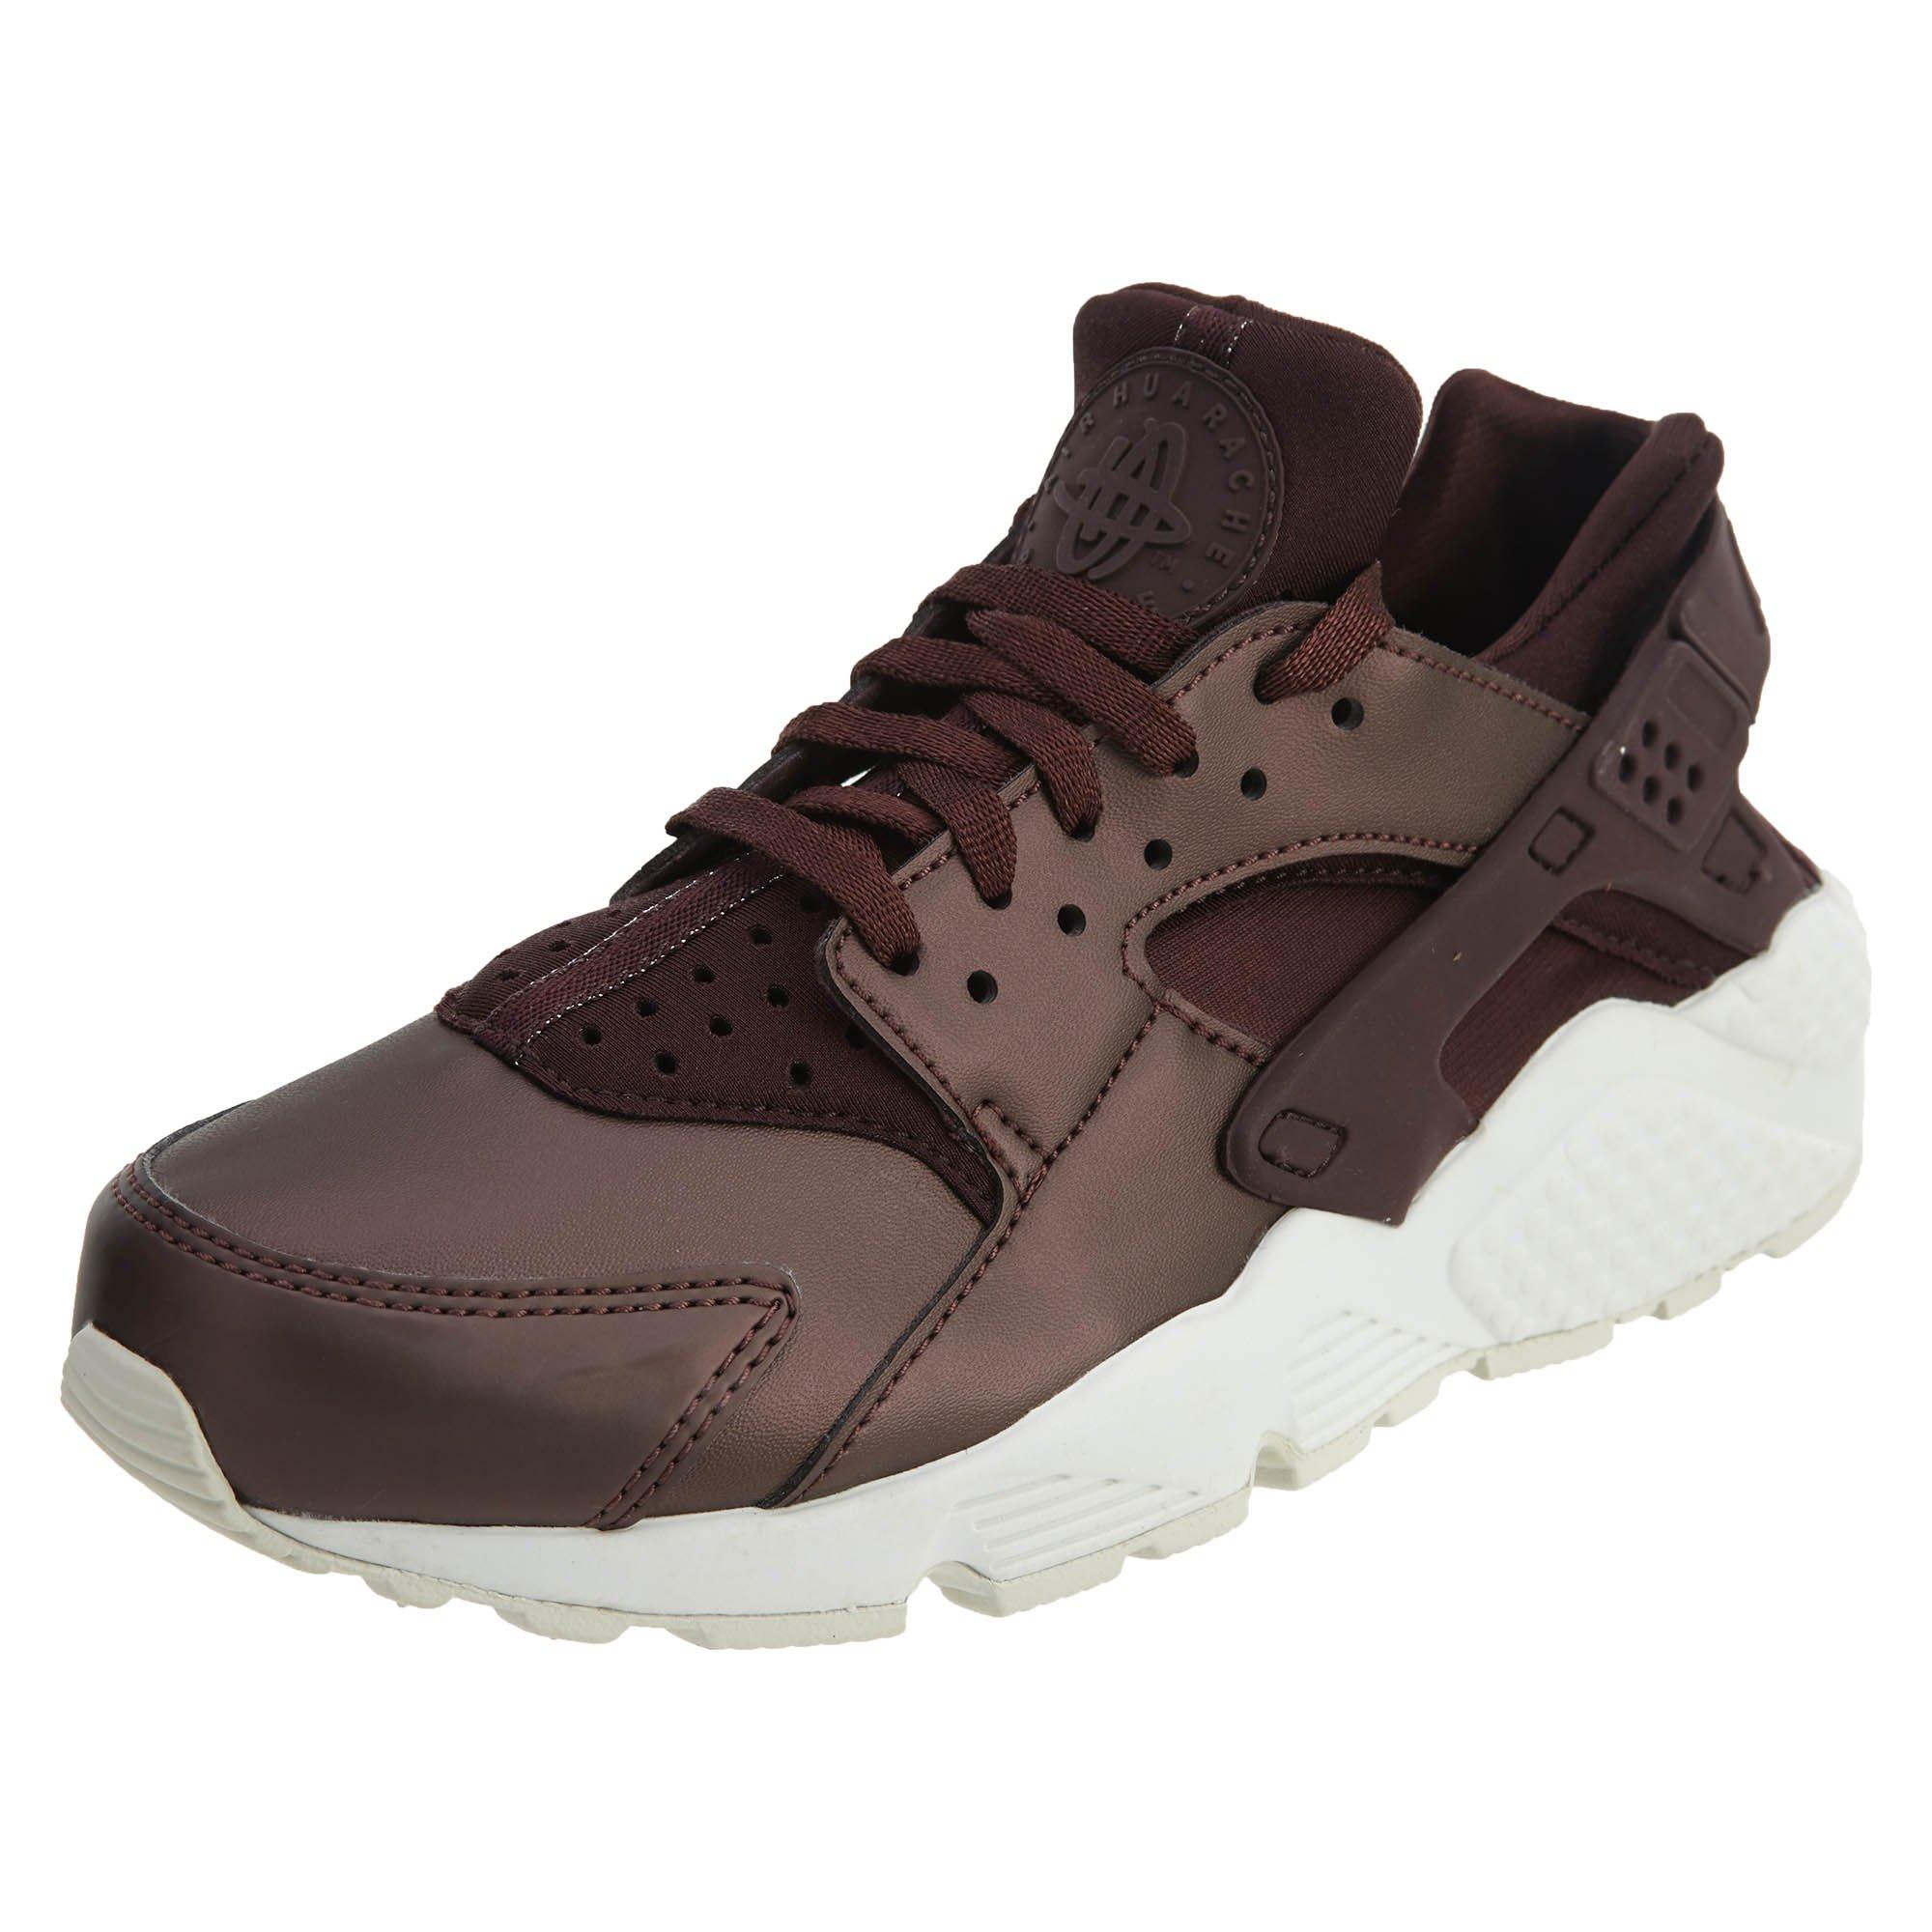 Nike Air Huarache Run Prm Txt Womens Style: AA0523-202 Size: 6.5 M US